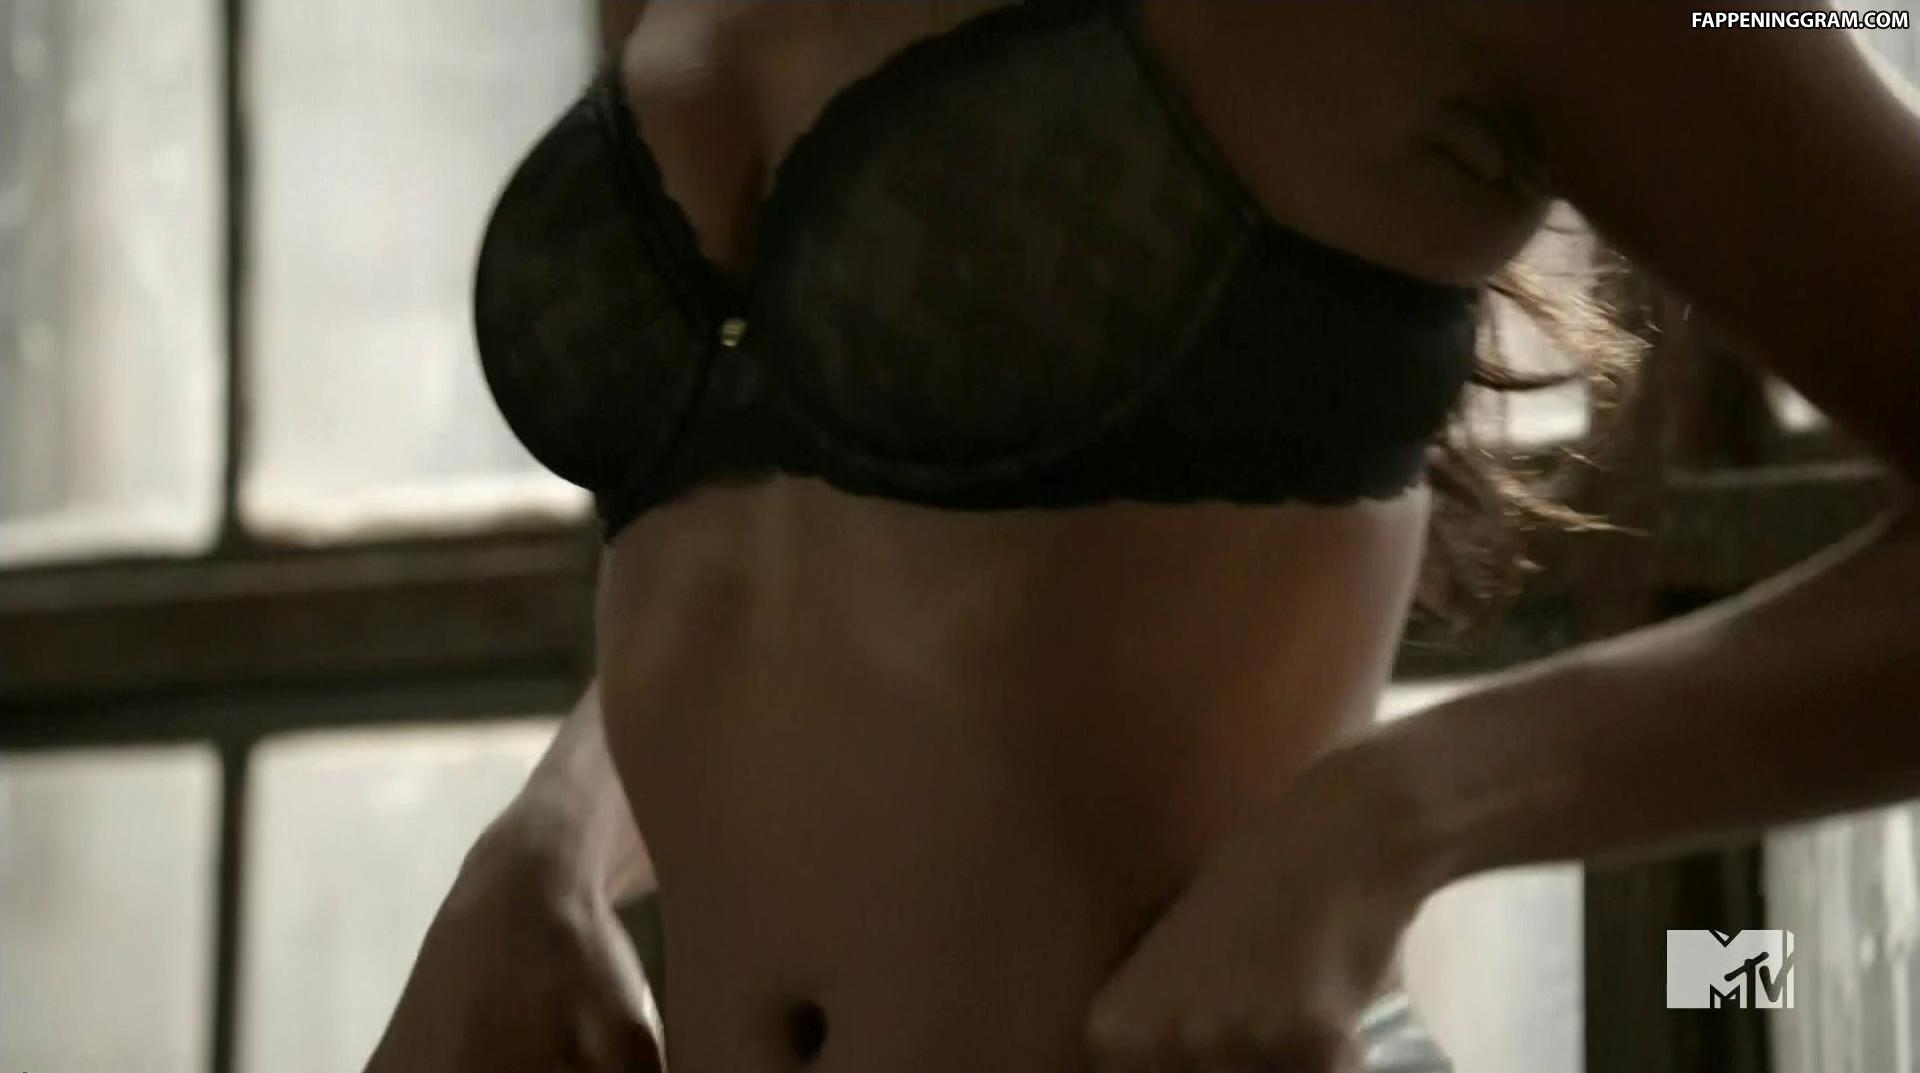 Meagan good nude ass